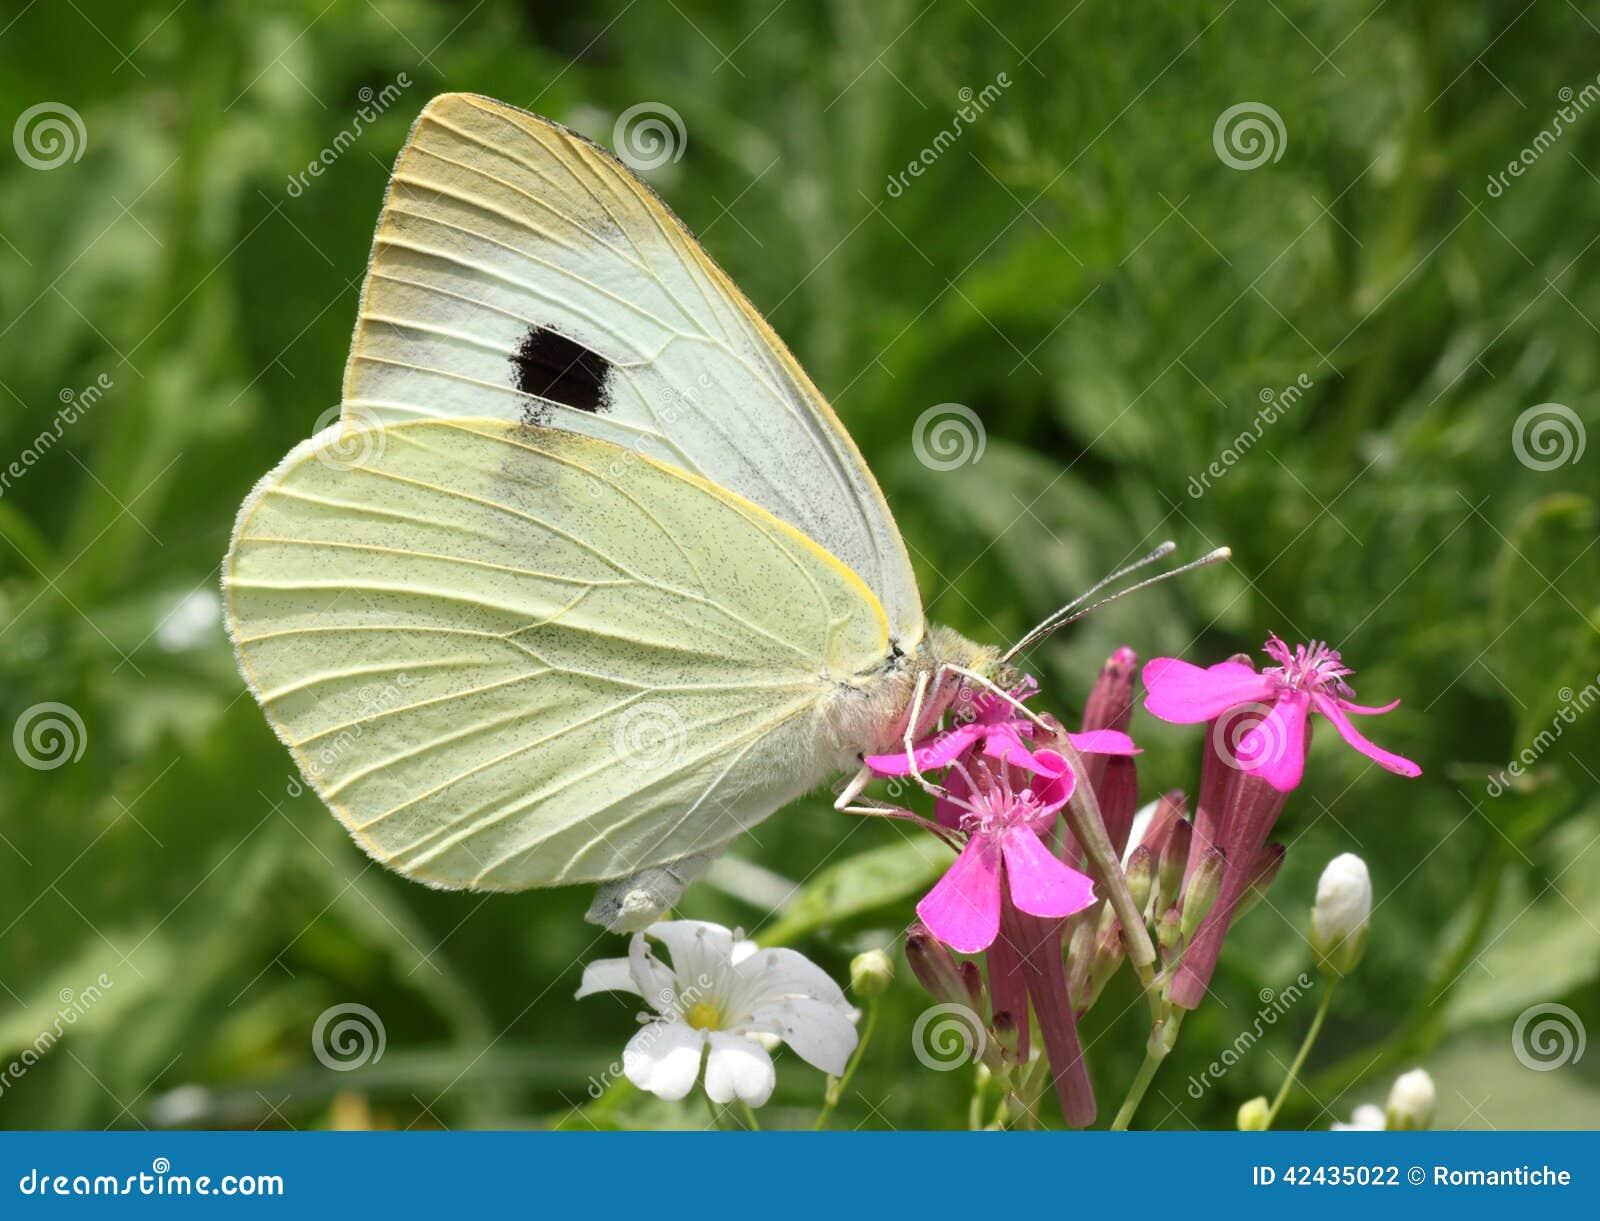 Mariposa de col blanca